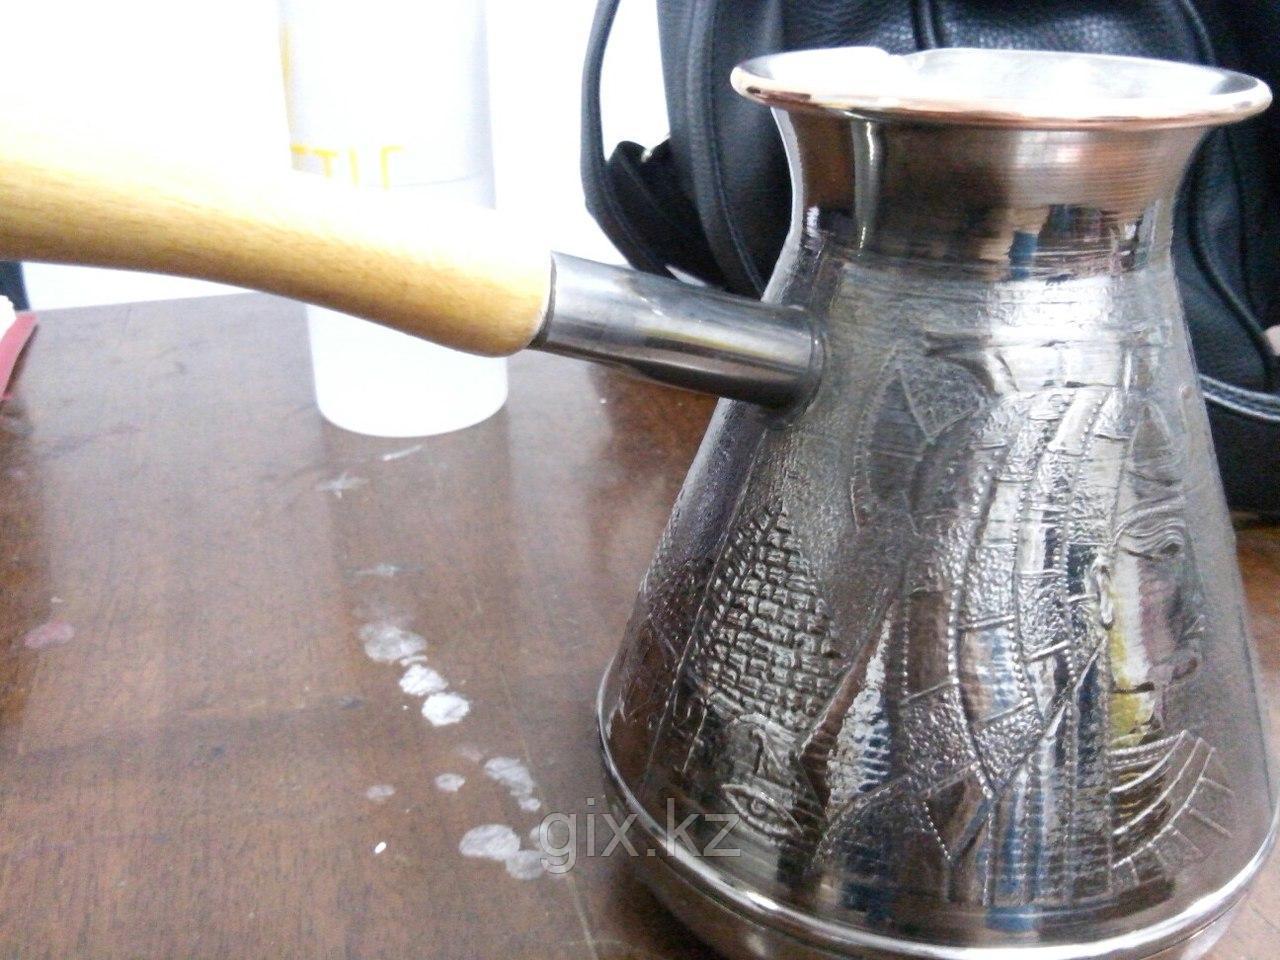 Турка для кофе 700 гр.